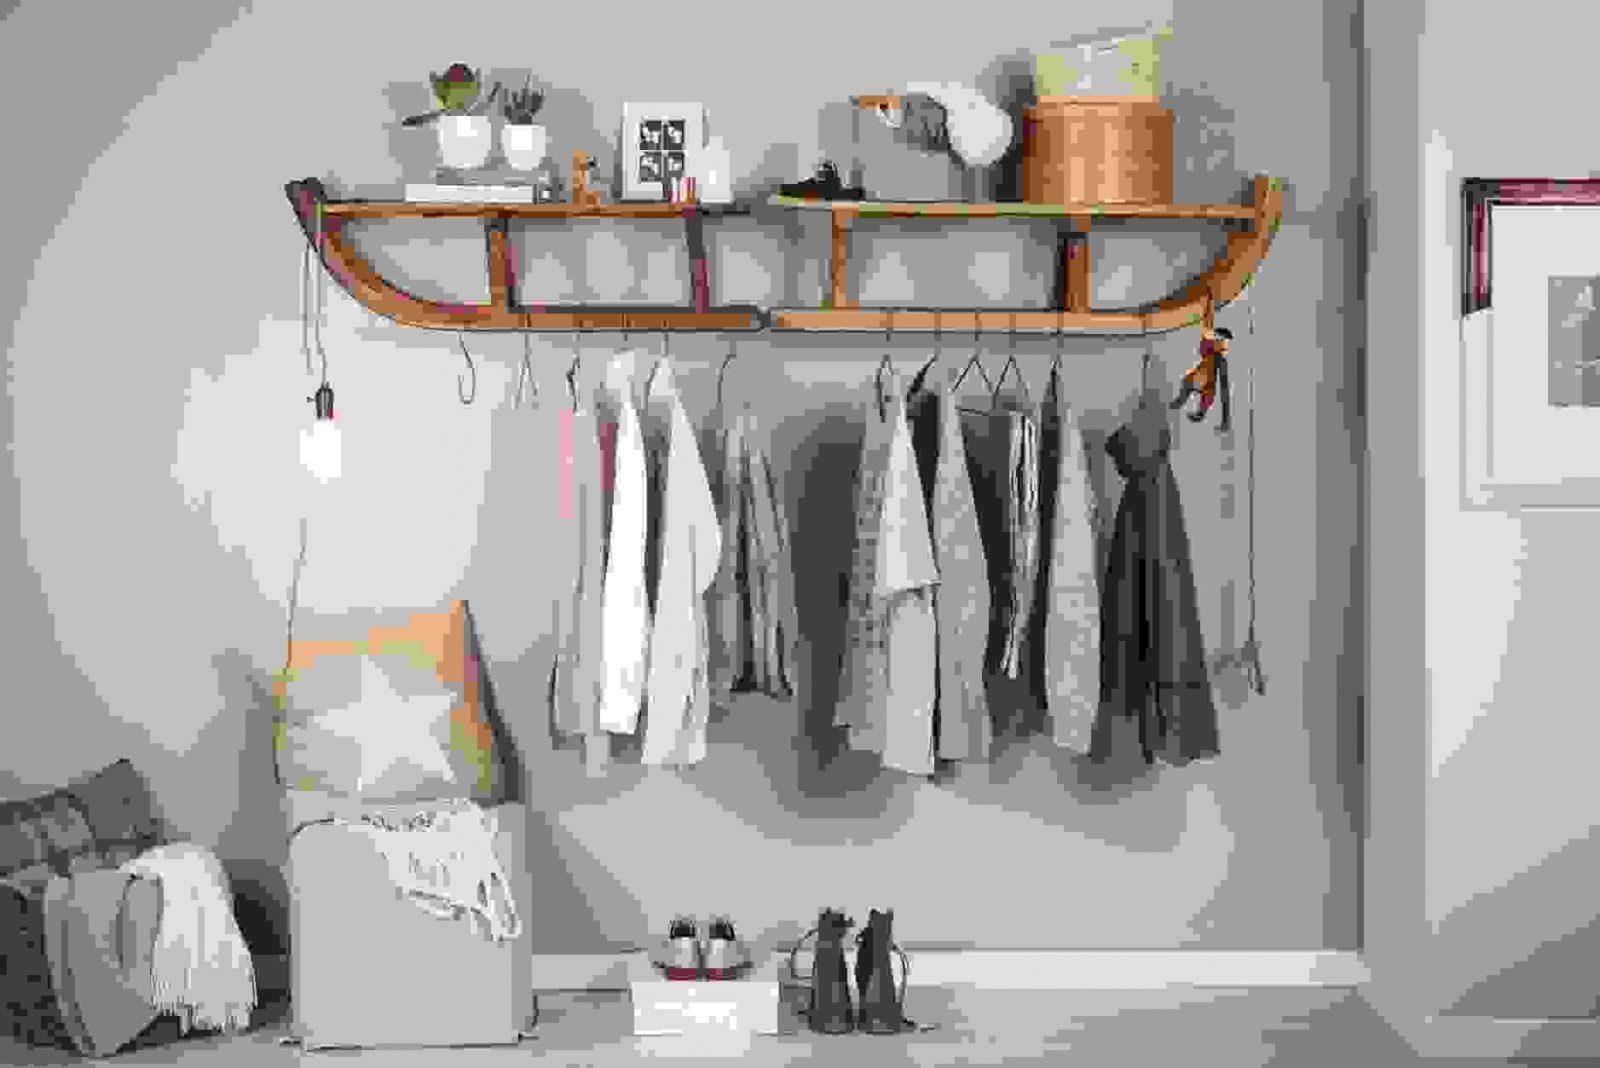 baumstamm garderobe selber bauen | garderobe baum